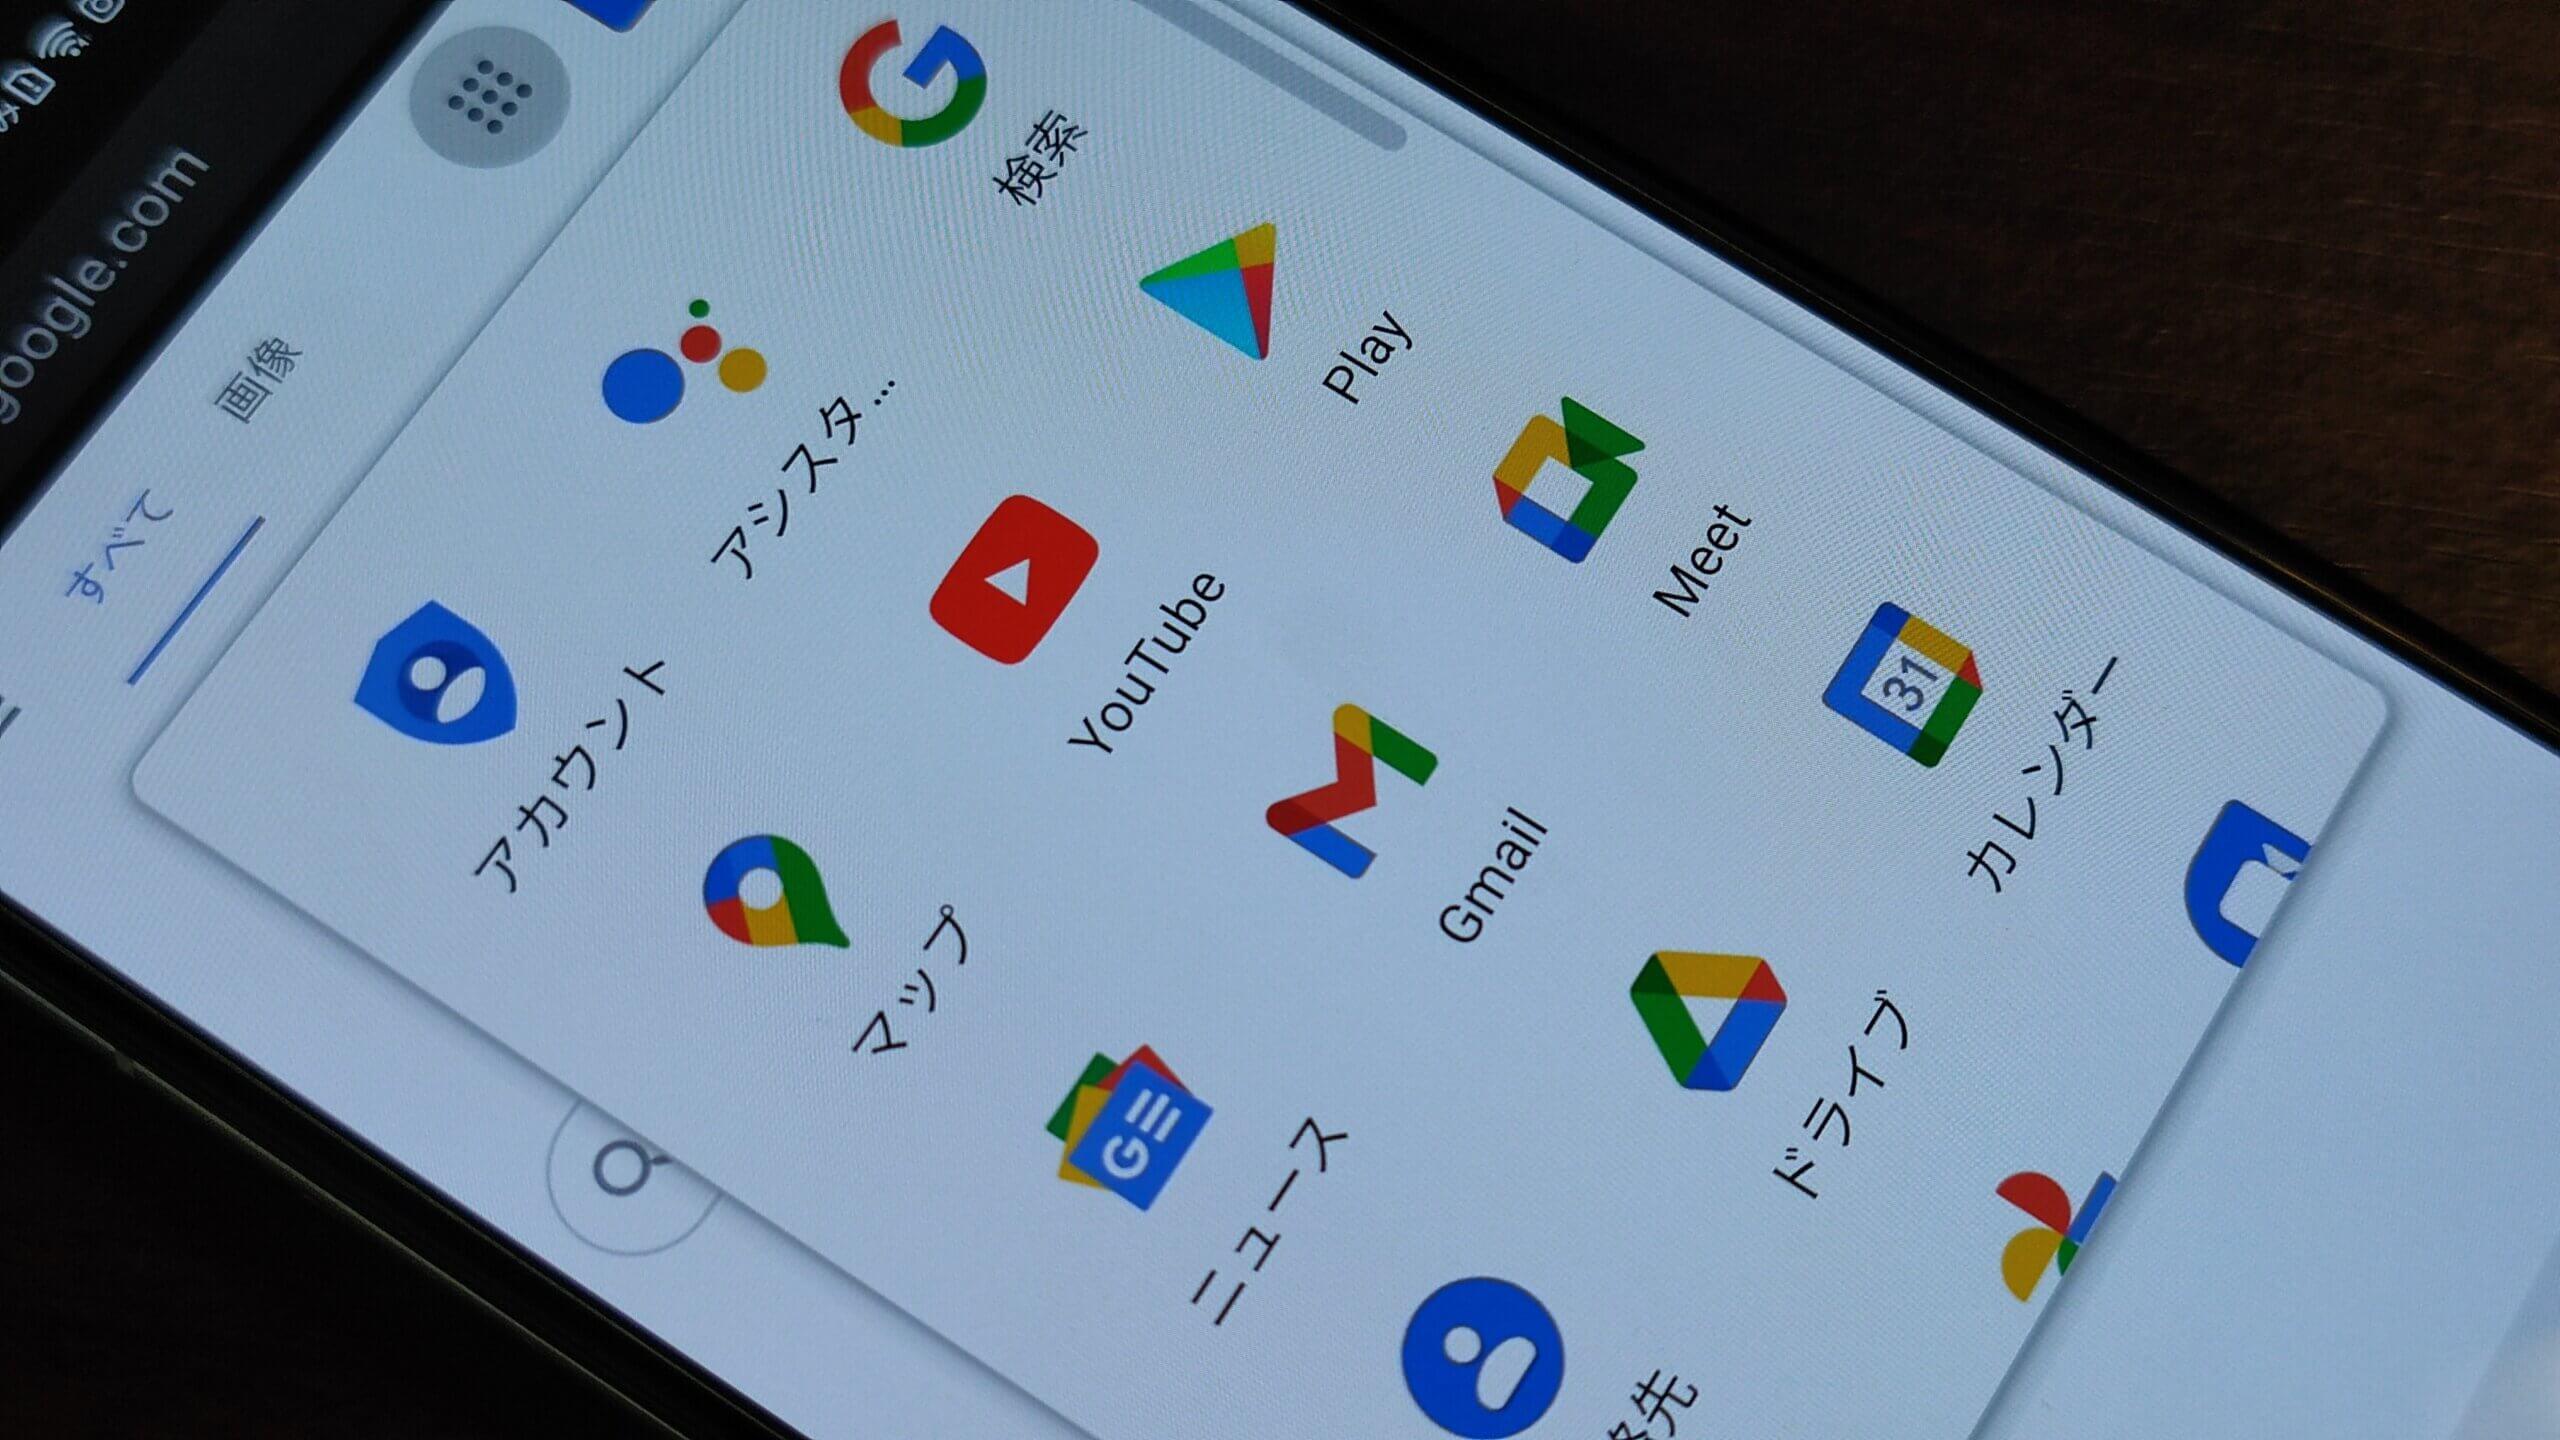 Googleのサービスはレスポンシブデザインに対応しているのでブラウザ経由でも使いやすい